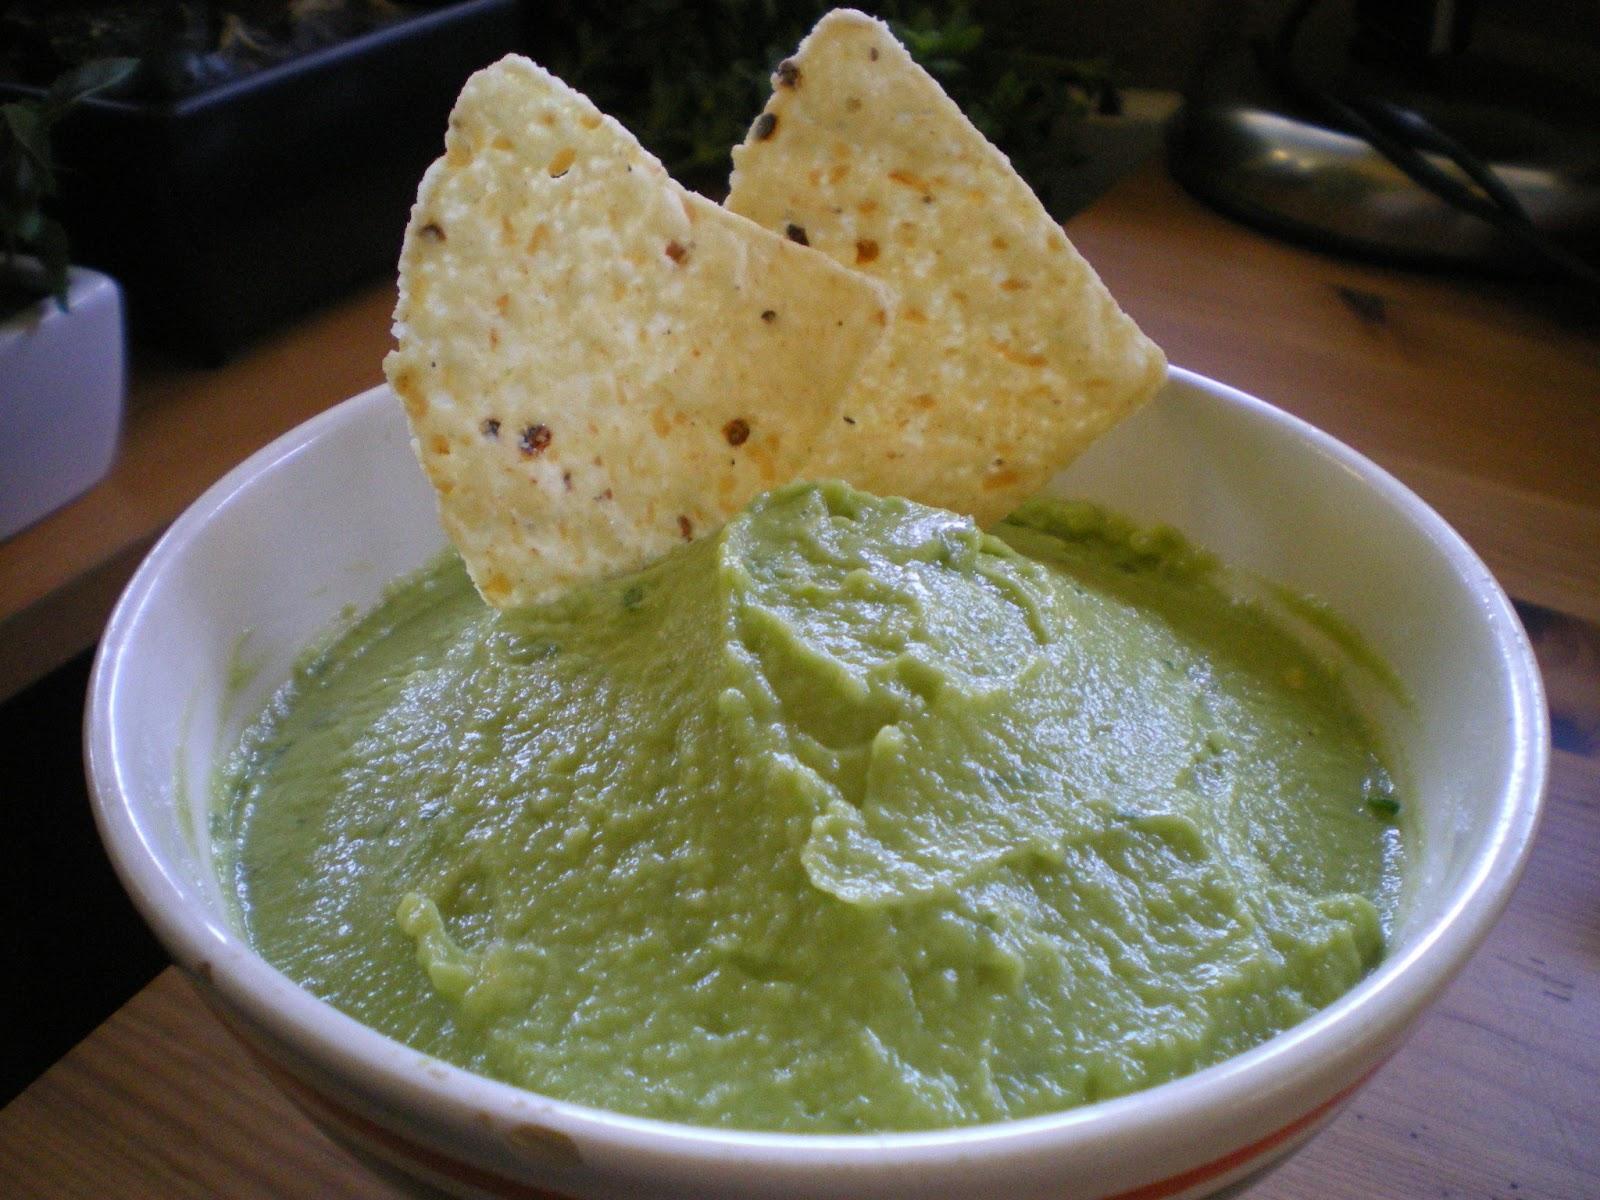 Cómo preparar guacamole e incorporarlo a los platos